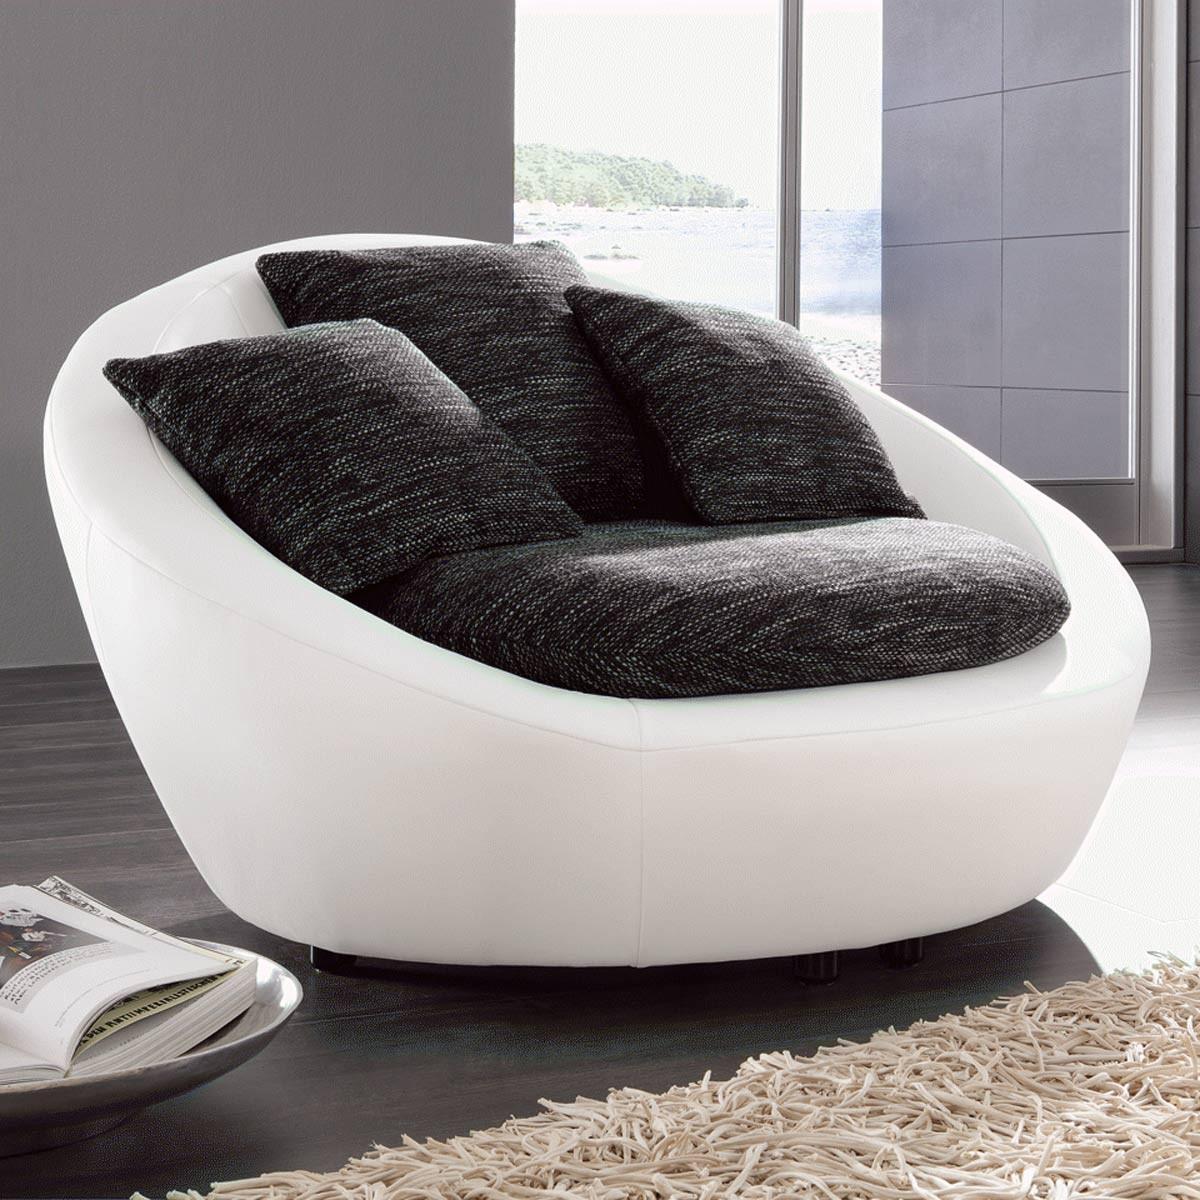 kategorien sessel einzelsessel b2b trade. Black Bedroom Furniture Sets. Home Design Ideas